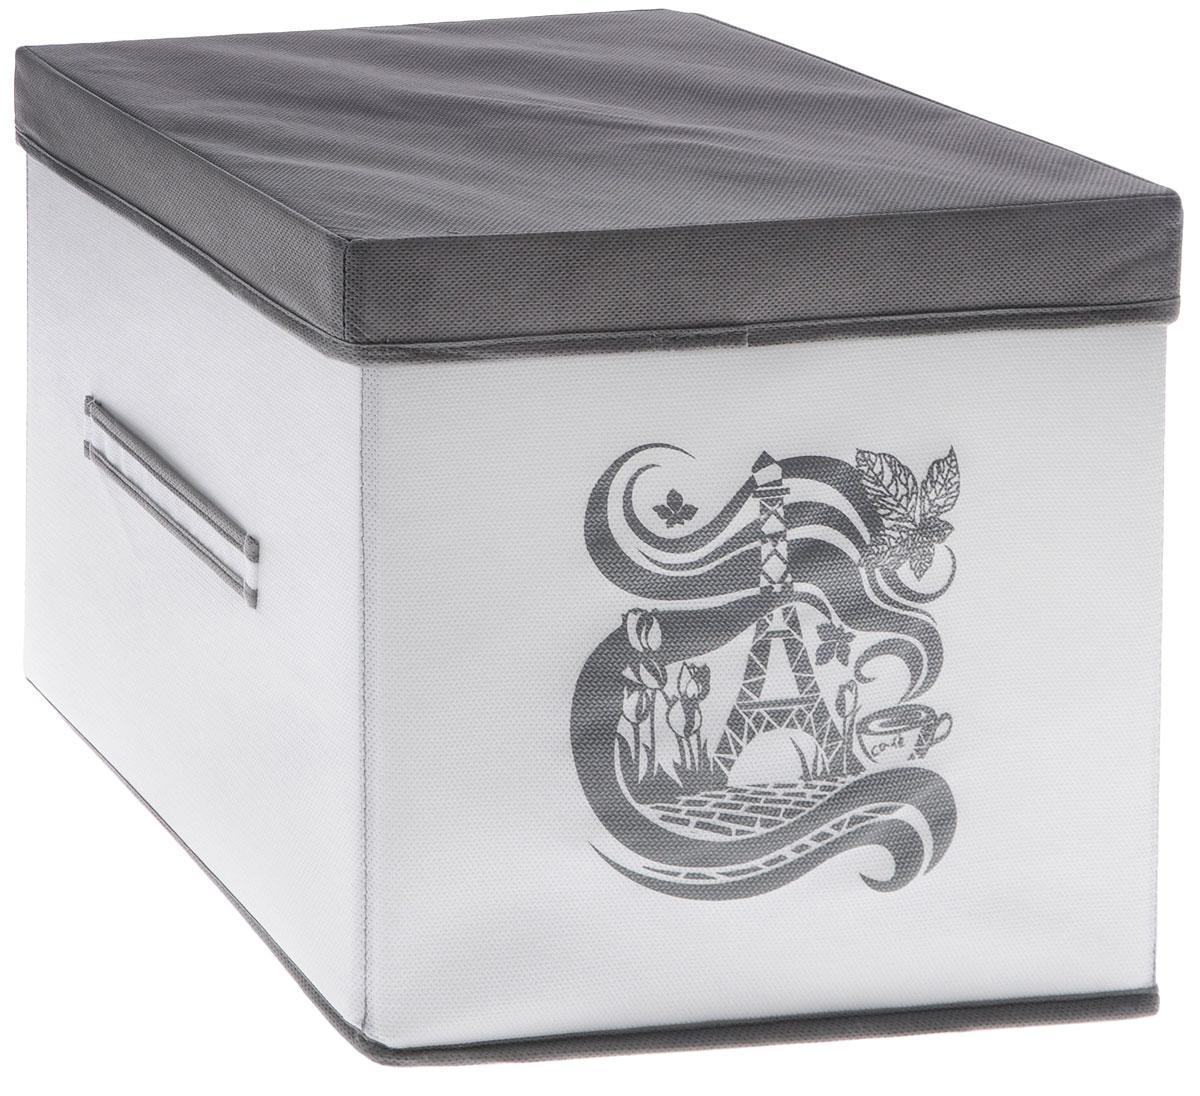 Коробка для вещей Все на местах Париж, с крышкой, цвет: серый, белый, 30 х 30 х 30 см1003036.Коробка с крышкой Все на местах выполнена из высококачественного нетканого материала, который обеспечивает естественную вентиляцию и предназначен для хранения вещей или игрушек. Он защитит вещи от повреждений, пыли, влаги и загрязнений во время хранения и транспортировки. Размер коробки: 30 х 30 х 30 см.